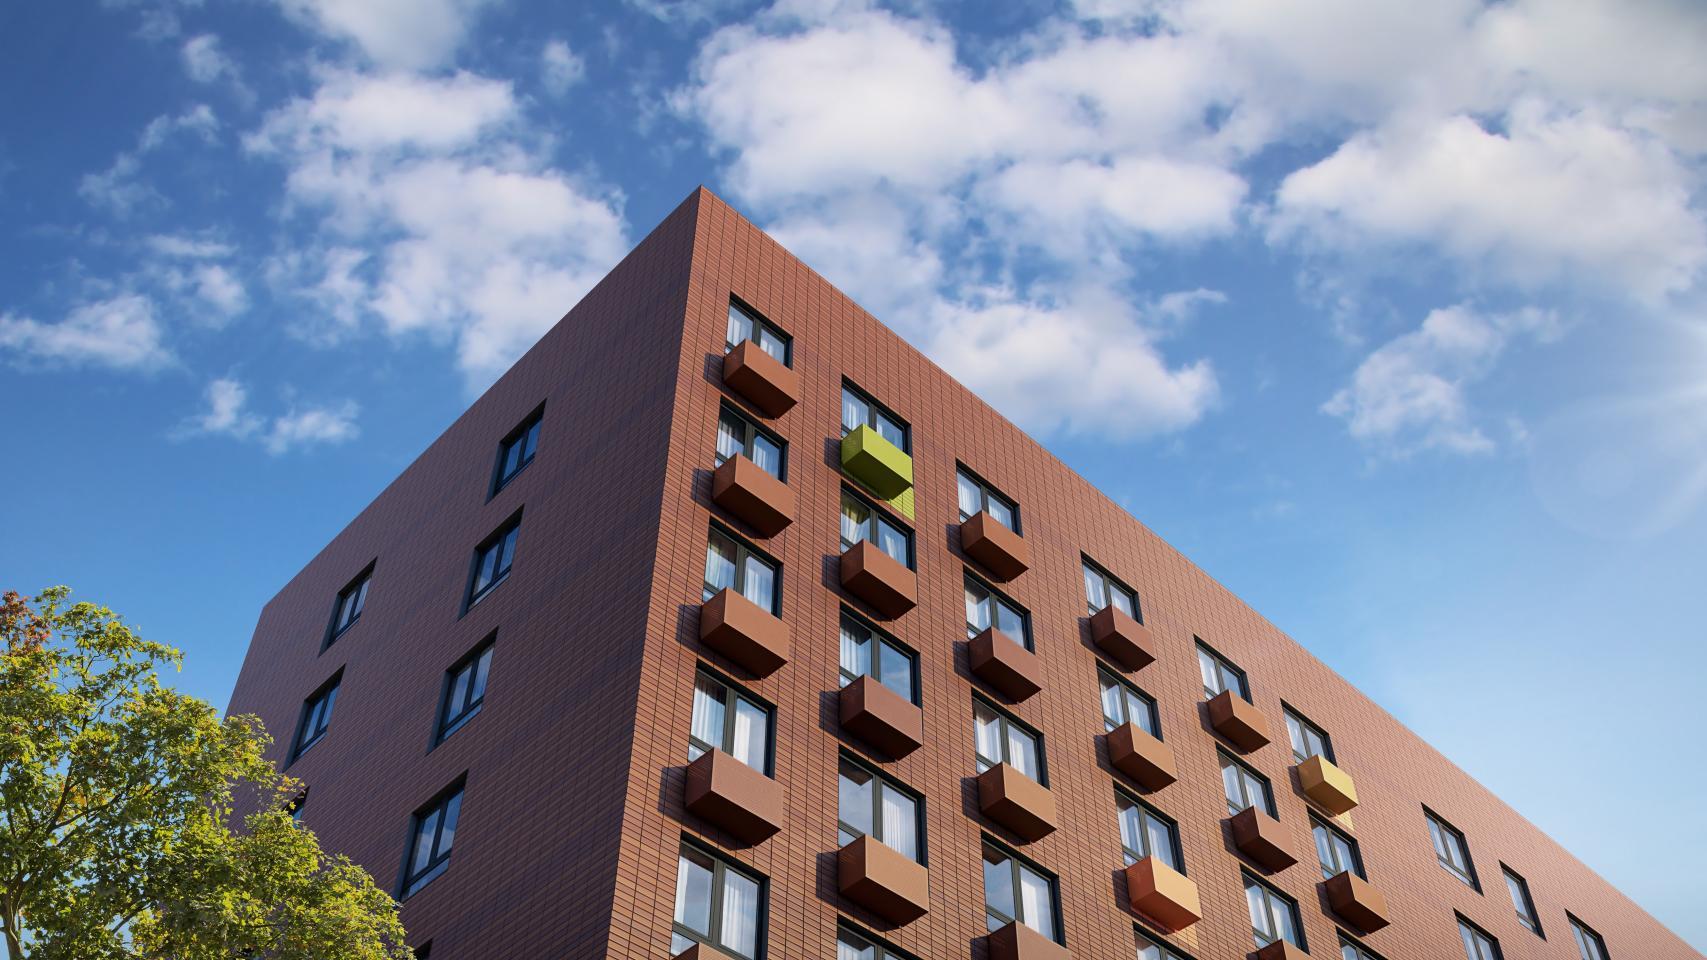 Нарынок выведены новые корпуса жилого района «Бунинские луга»